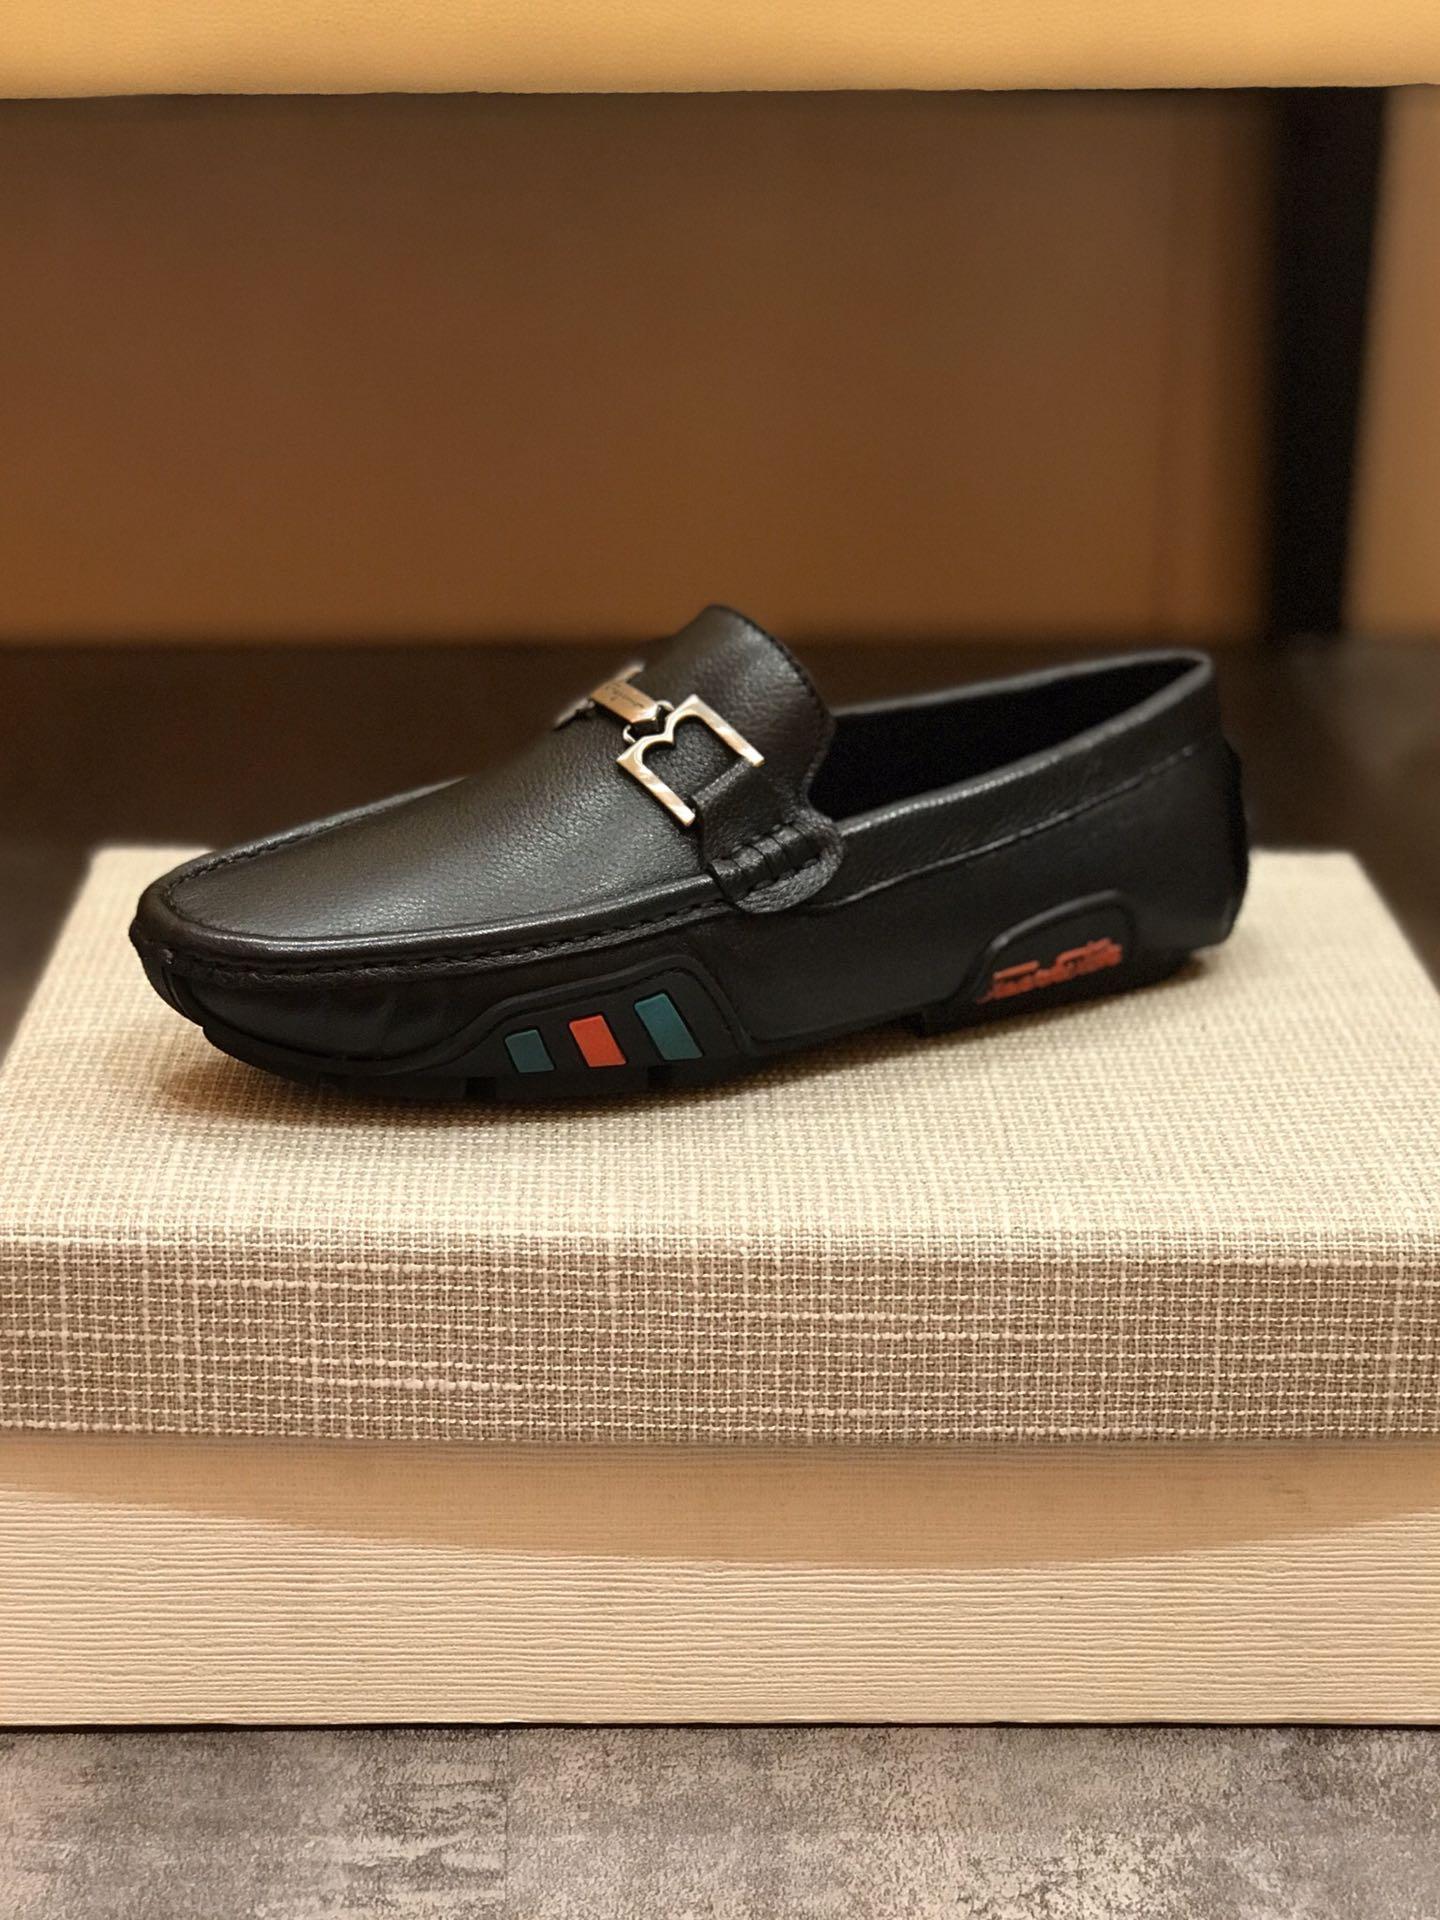 2020 Yüksek uç erkekler rahat ayakkabılar İngiliz moda inek derisi rahat, nefes alabilen, tembel, antiskid ve HY574 dış taban aşınmaya dayanıklı kauçuk